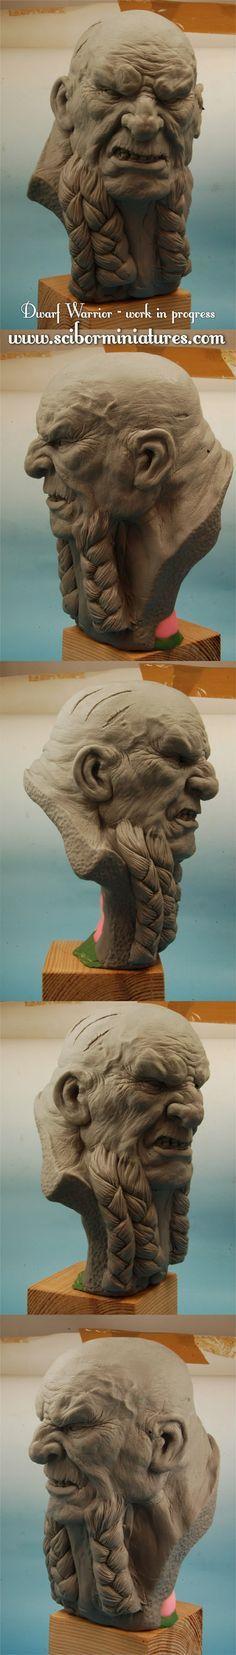 Best frank images on pinterest frankenstein s monster